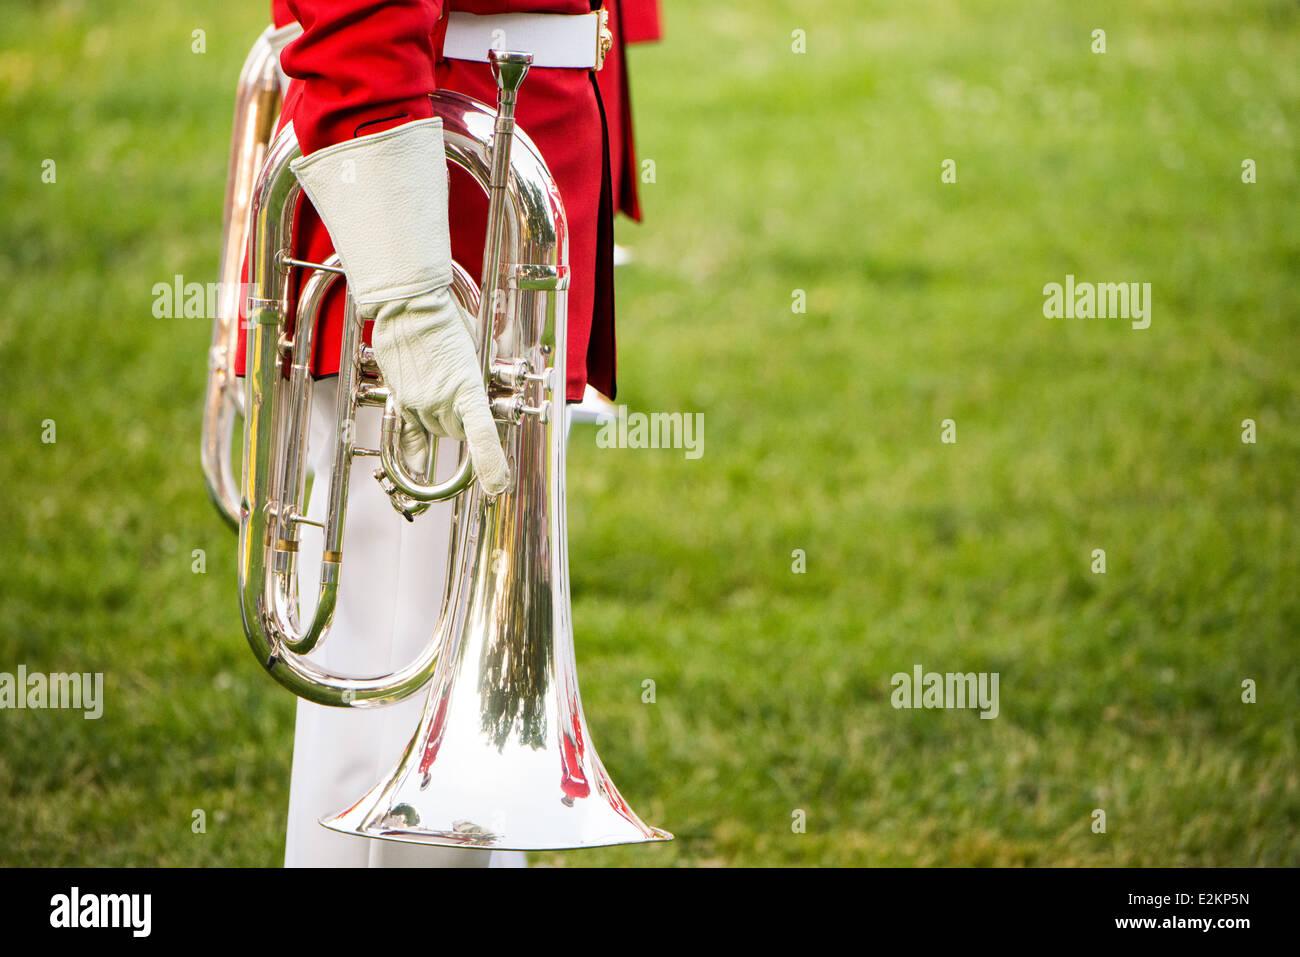 Le United States Marine Corps de tambours et clairons, connu en tant que le commandant lui-même, fonctionne Photo Stock